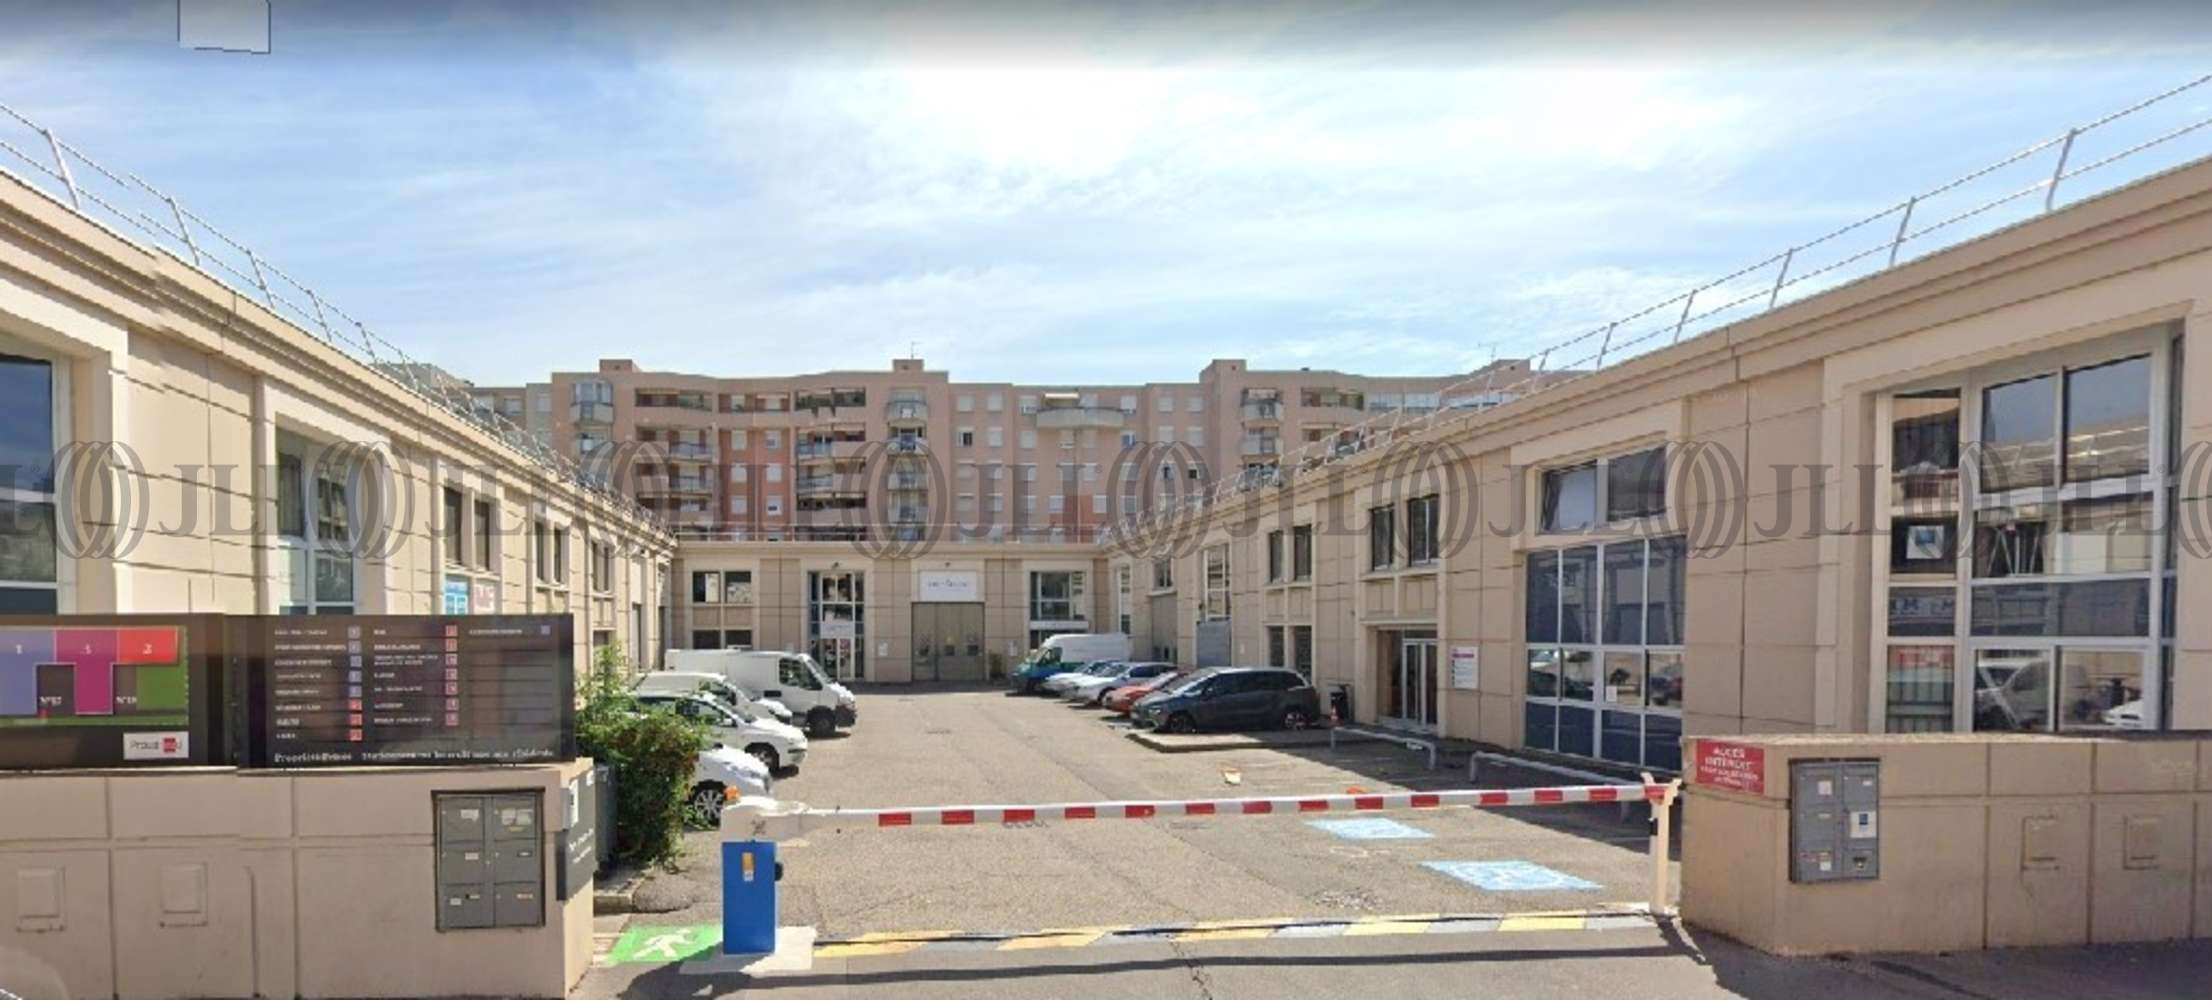 Activités/entrepôt Villeurbanne, 69100 - PARC DE VILLEURBANNE